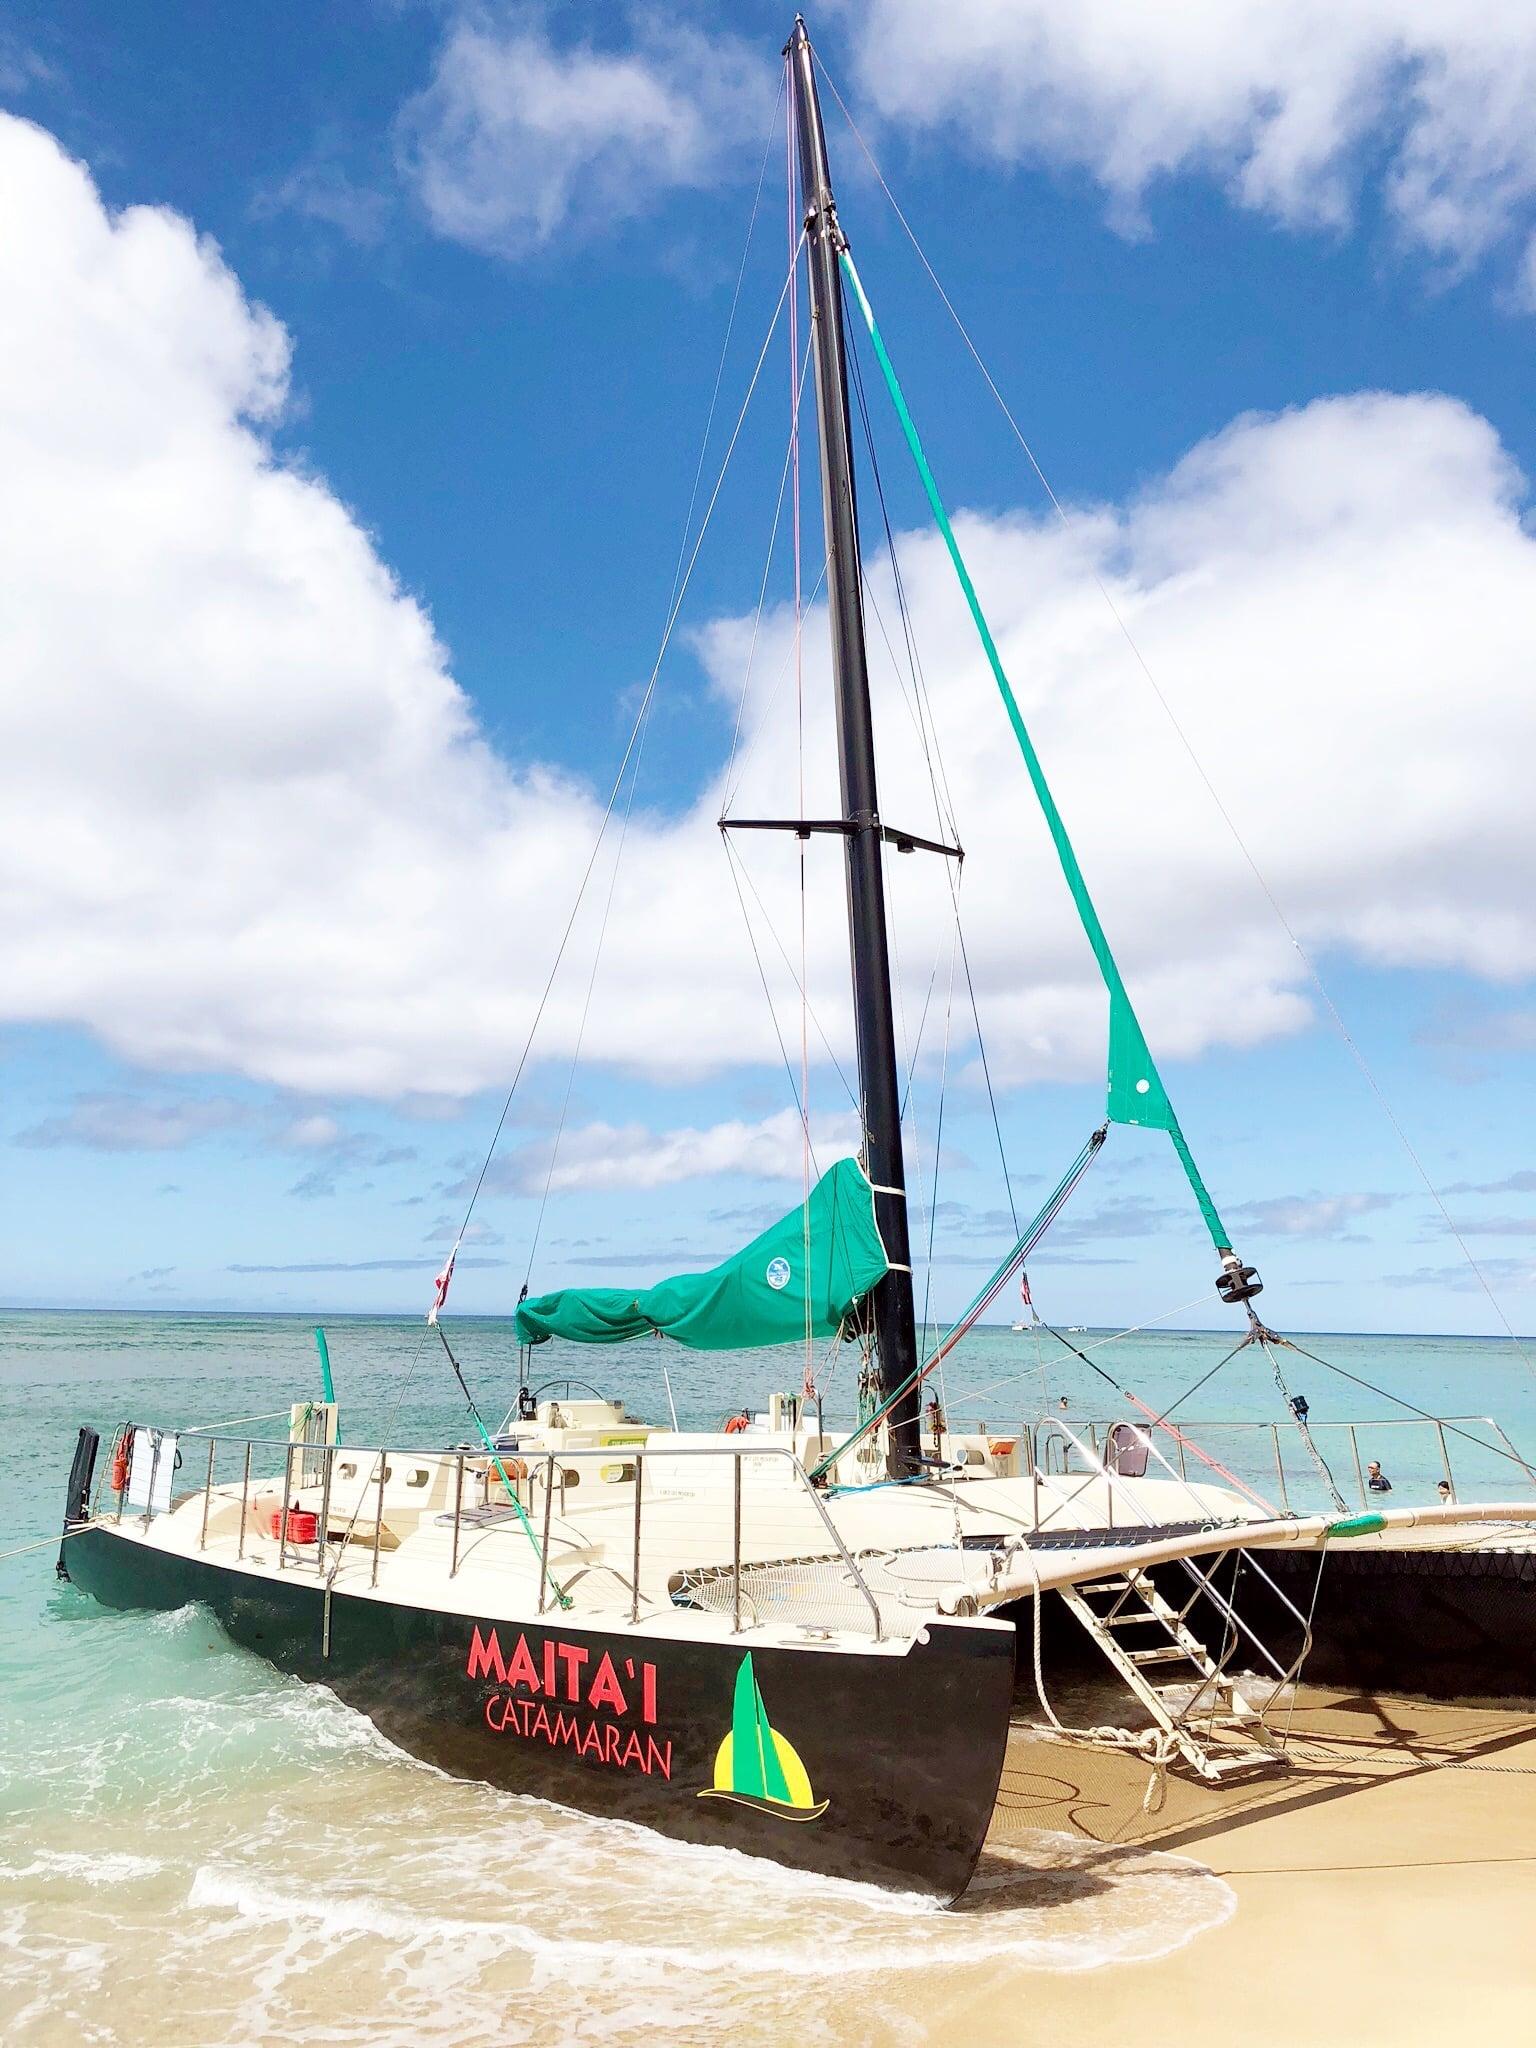 MaiTai Catamaran - Waikiki Catamaran